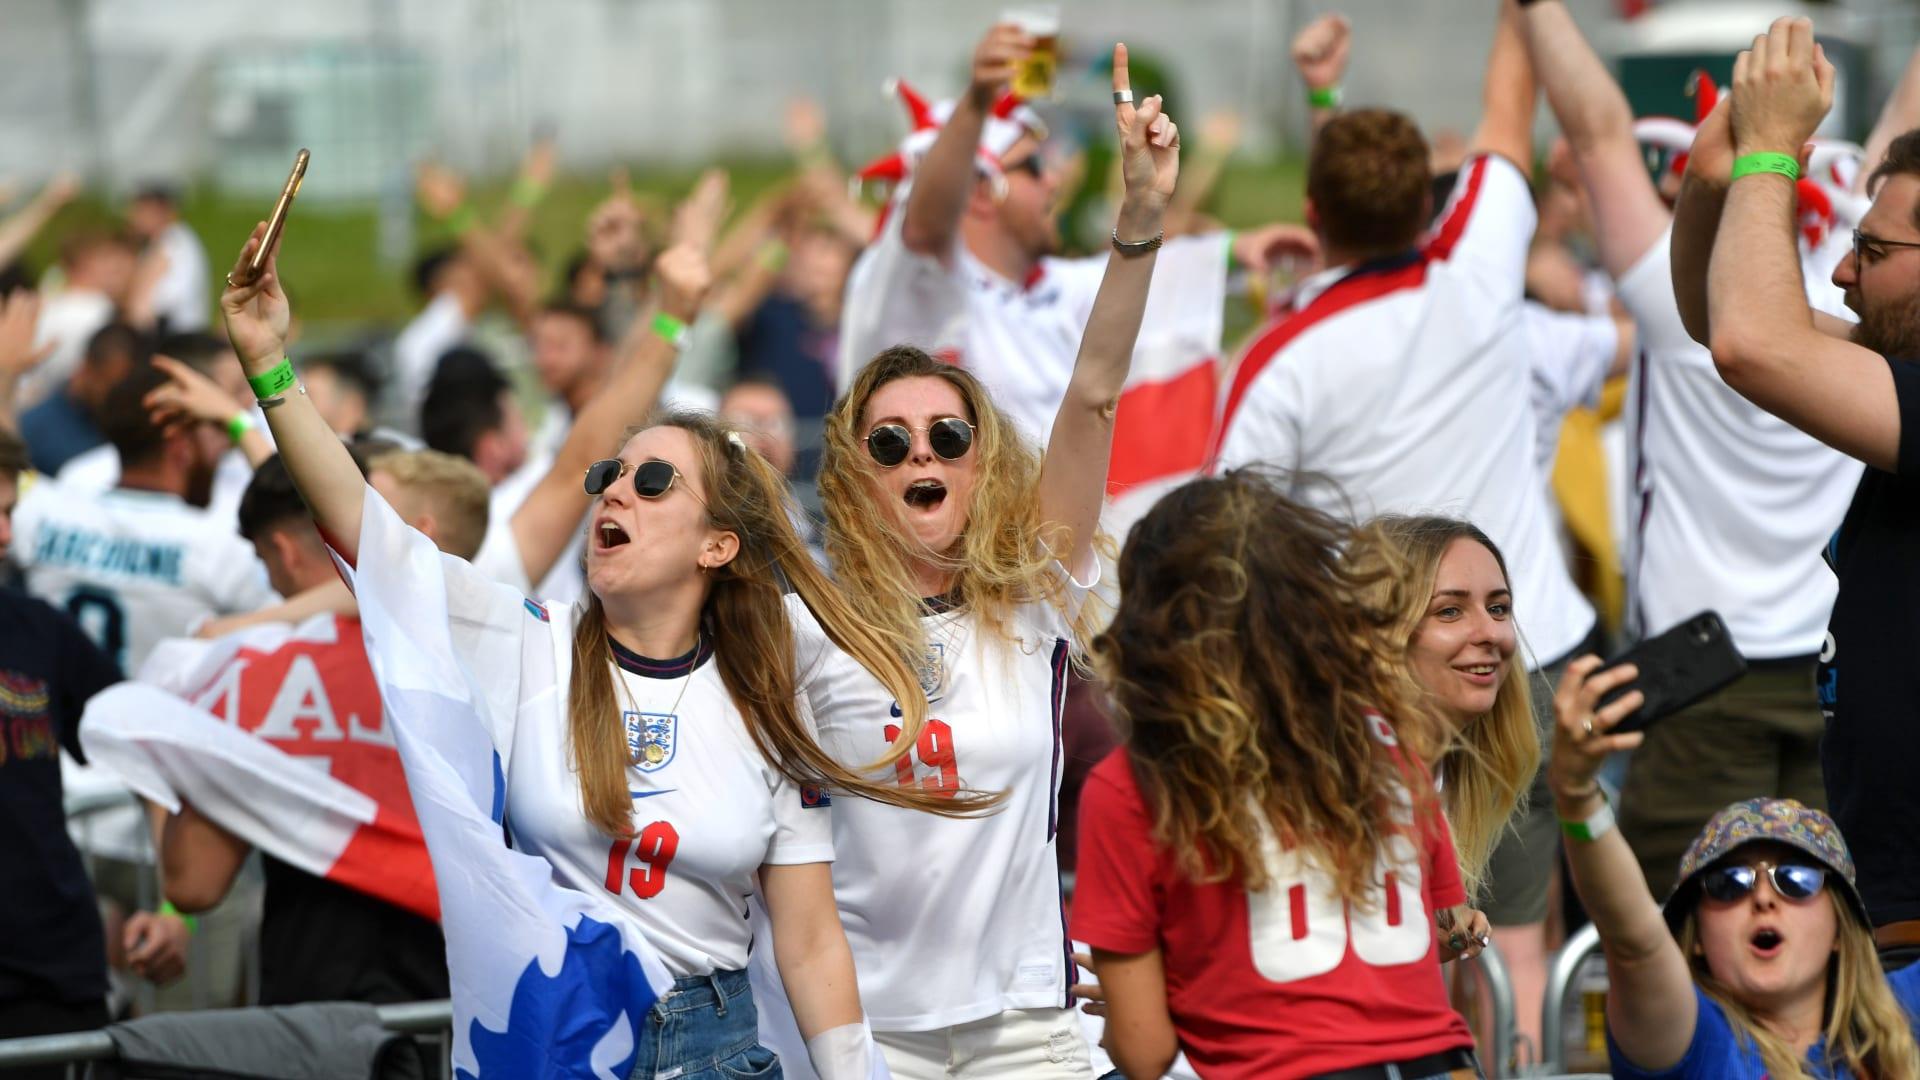 غنى مشجعو إنجلترا النشيد الوطني قبل الانطلاق في 4TheFans Fan Park في Event City حيث تلعب إنجلترا مع ألمانيا للحصول على مكان في ربع نهائي Euro 2020 في 29 يونيو 2021 في مانشستر، المملكة المتحدة.